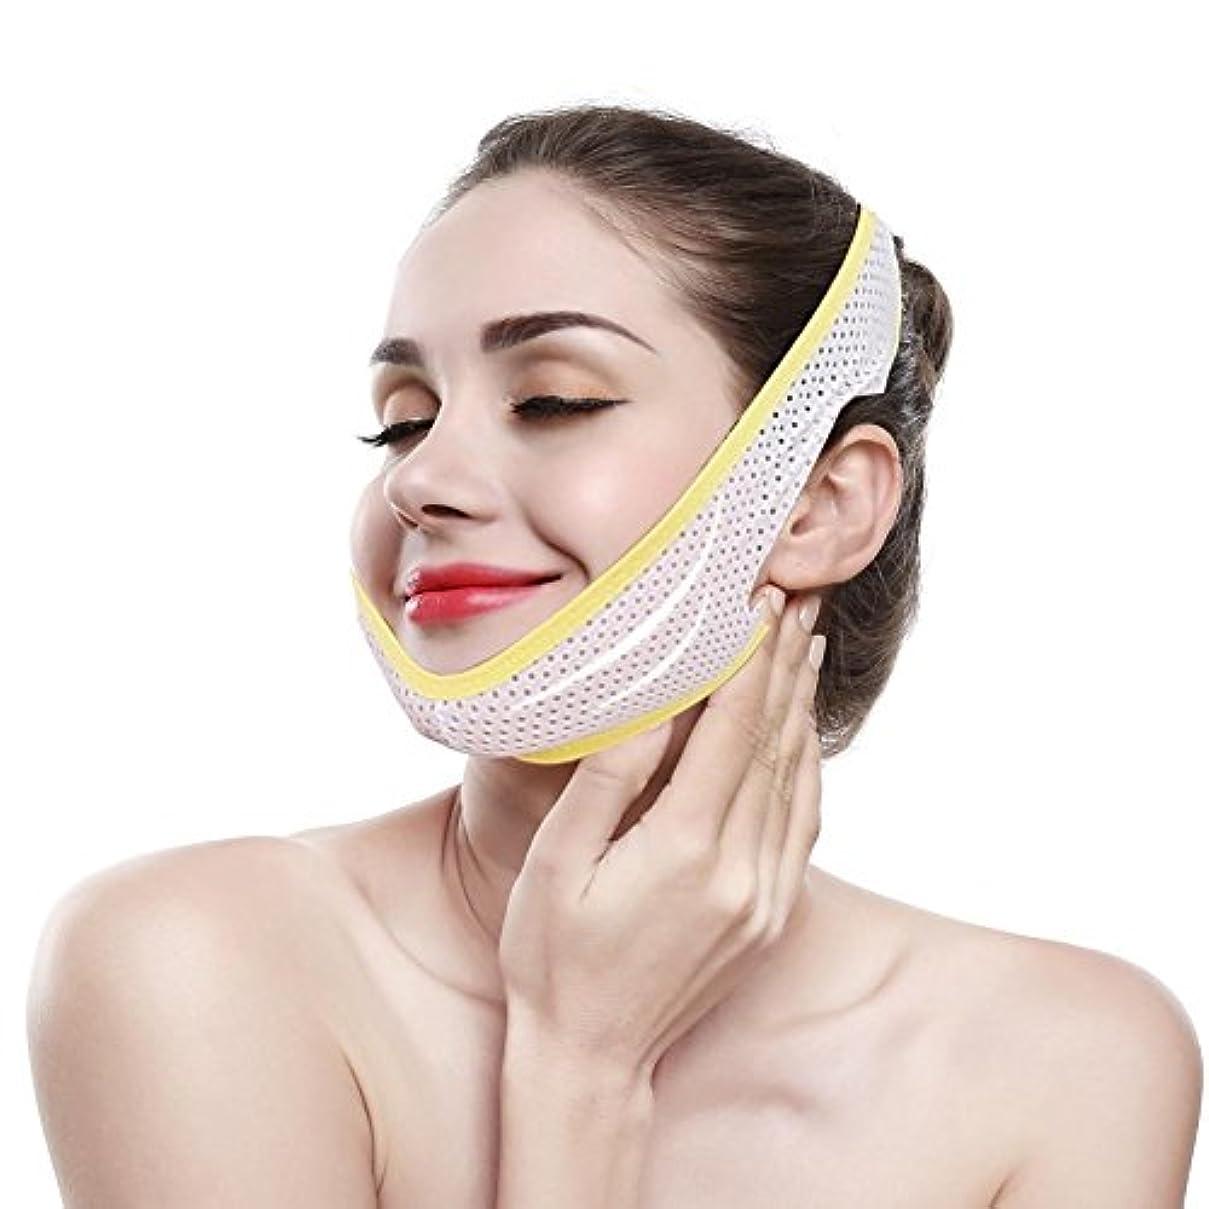 顎リフト フェイススリミング包帯 フェイスベルト 顔の包帯スリミングダブルチンVラインとフェイシャルケアファーミングスキン 女性の超薄型 フェイスマス クラインベルト スリミング製品マスク(L)